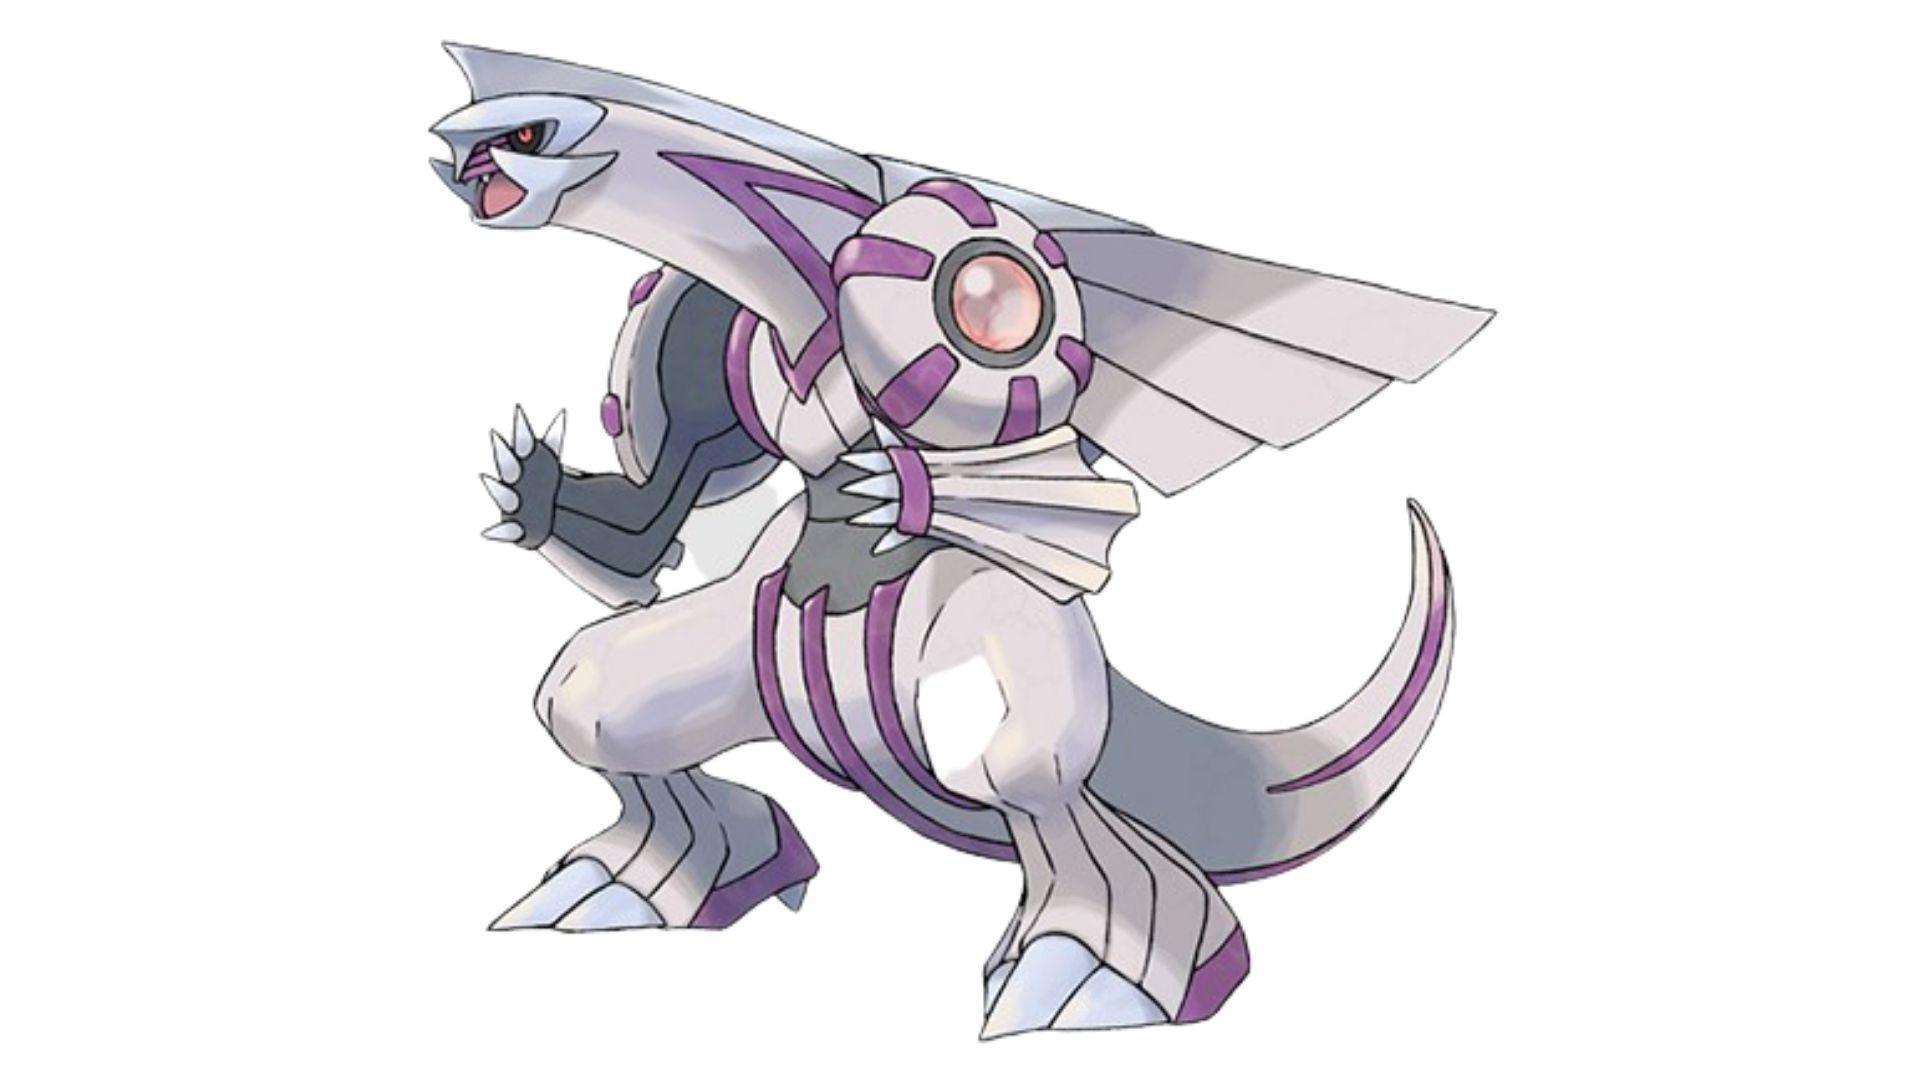 Contraparte e principal rival de Dialga, Palkia também está entre os pokémons mais fortes do game (Foto: Divulgação/Pokémon)